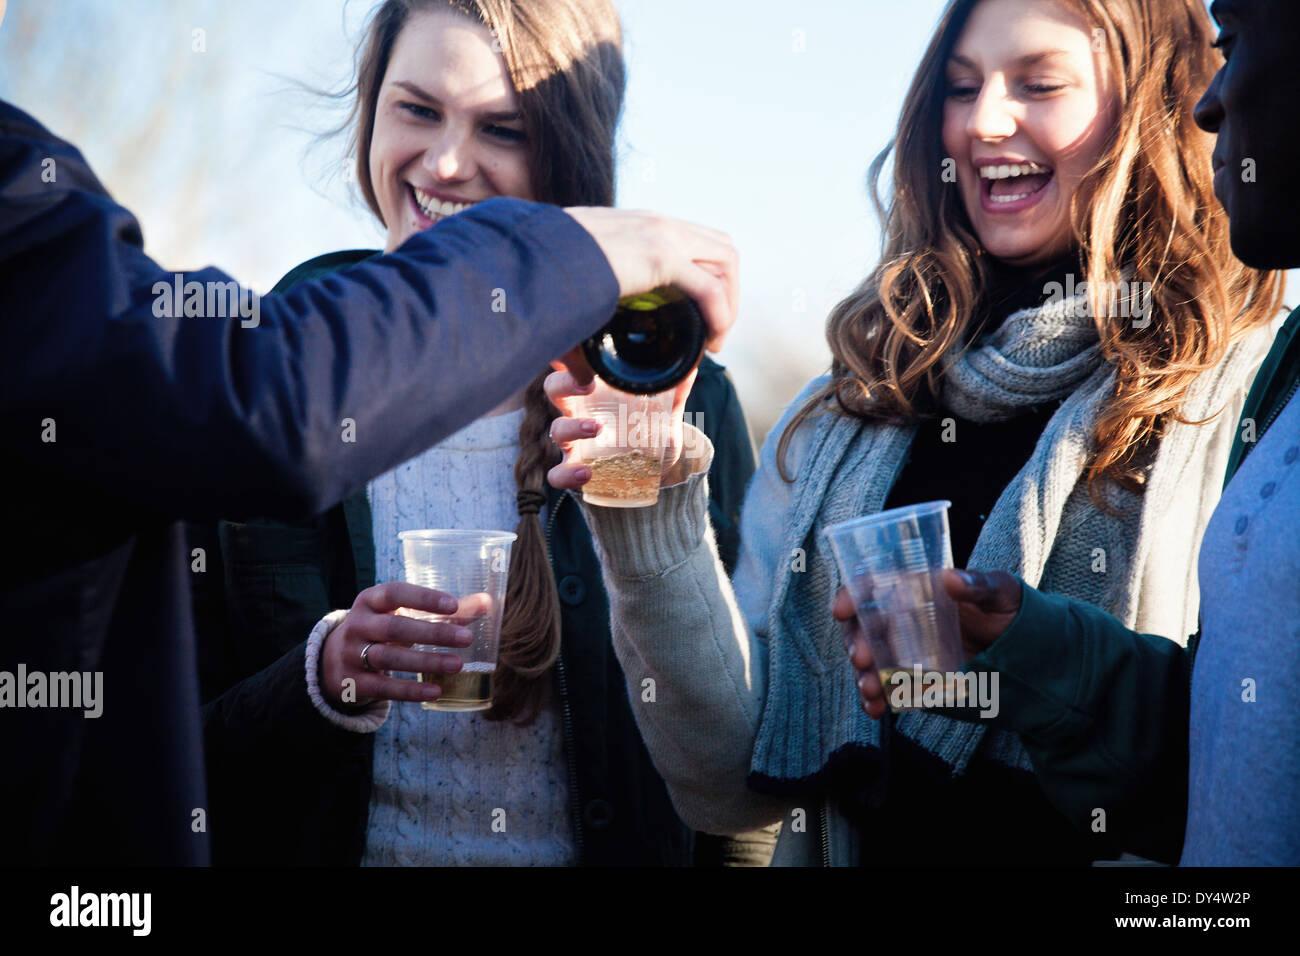 Adultos jóvenes amigos disfrutando de vino blanco en el exterior Imagen De Stock